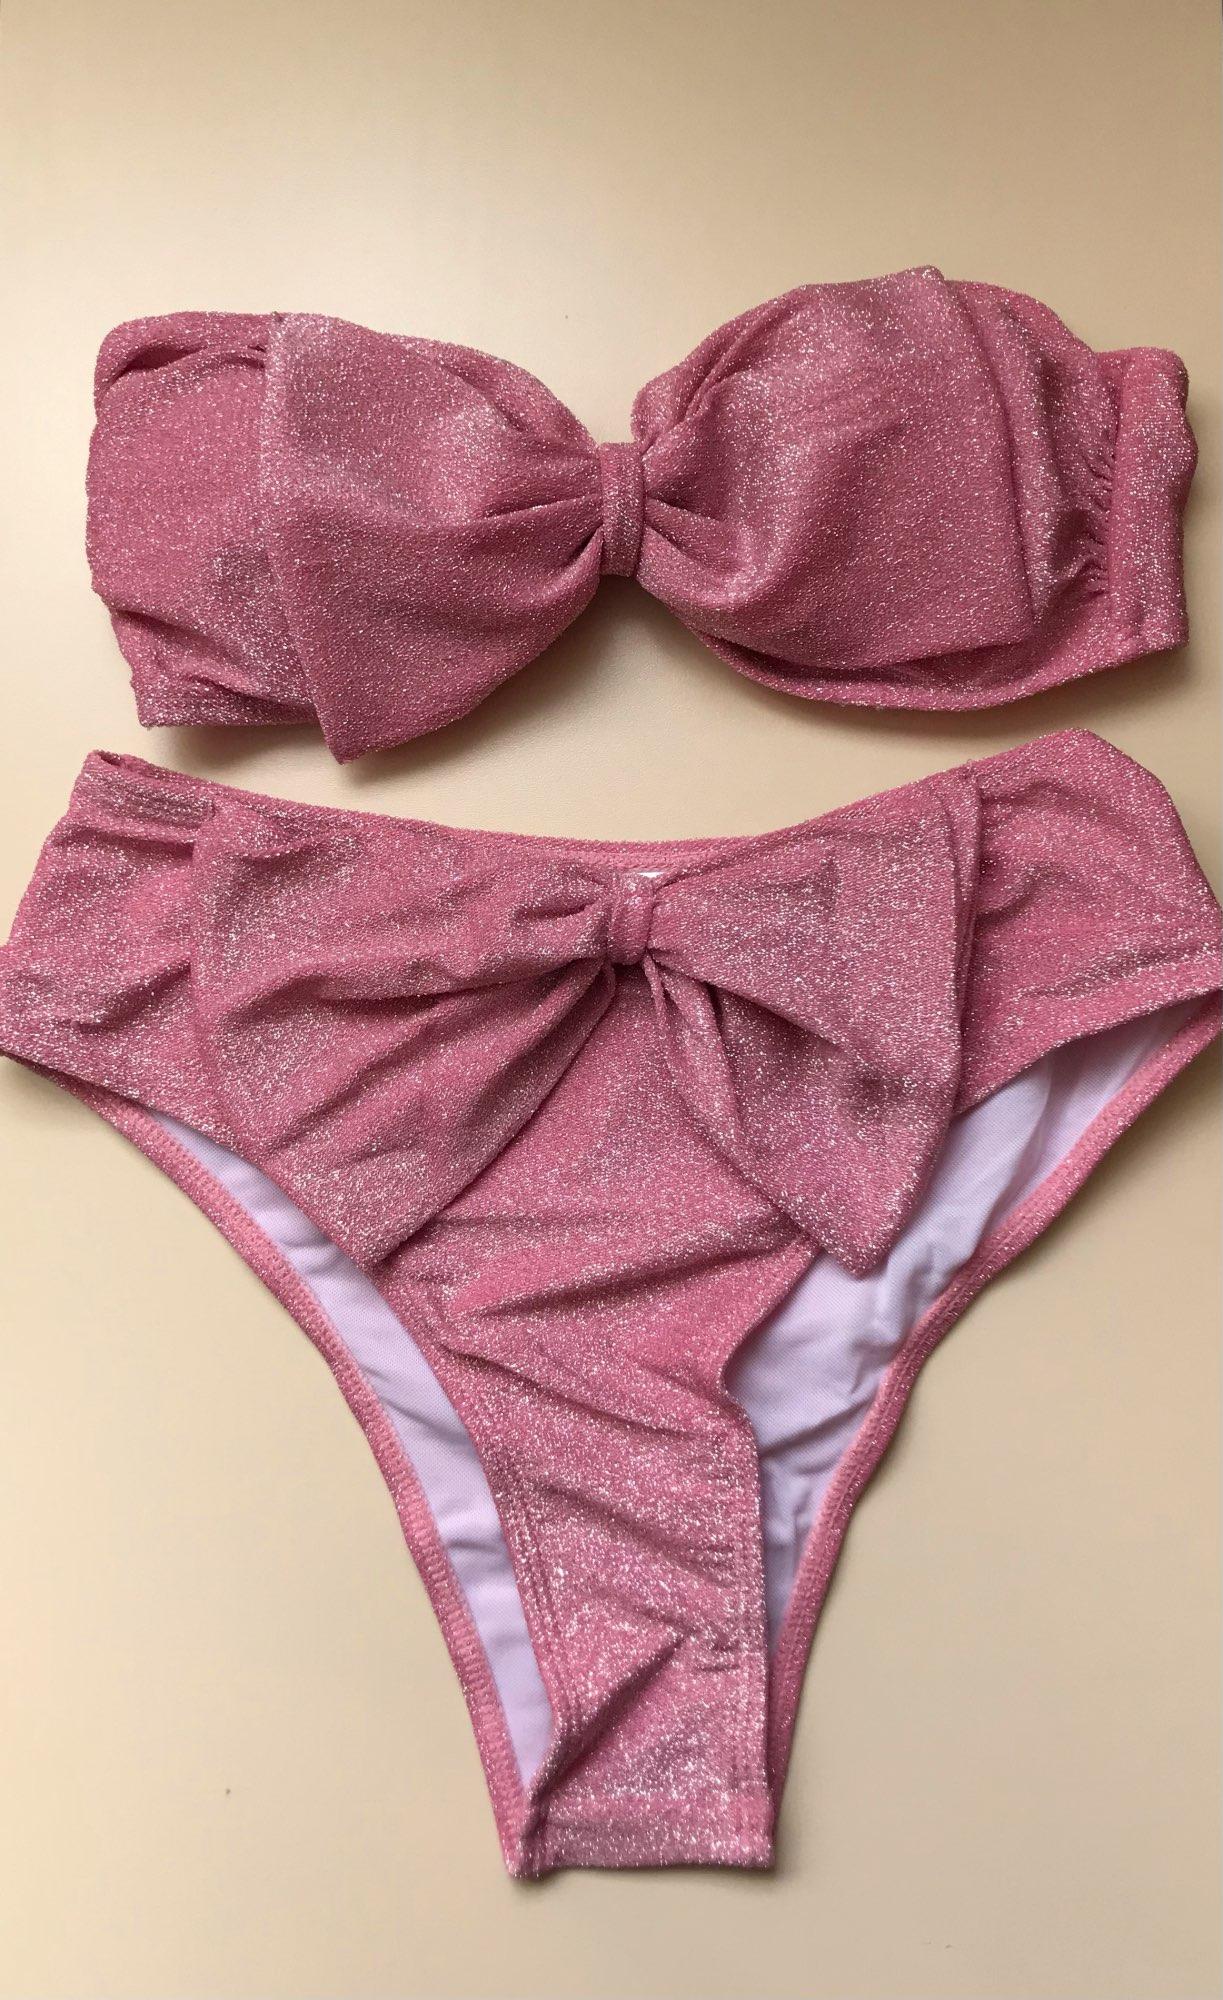 INGAGA High Waist Bikinis 2021 Swimsuits Bandeau Swimwear Women Shiny Bow Biquini Solid Strapless Bathers Bathing Suit Women New|Bikini Set|   - AliExpress